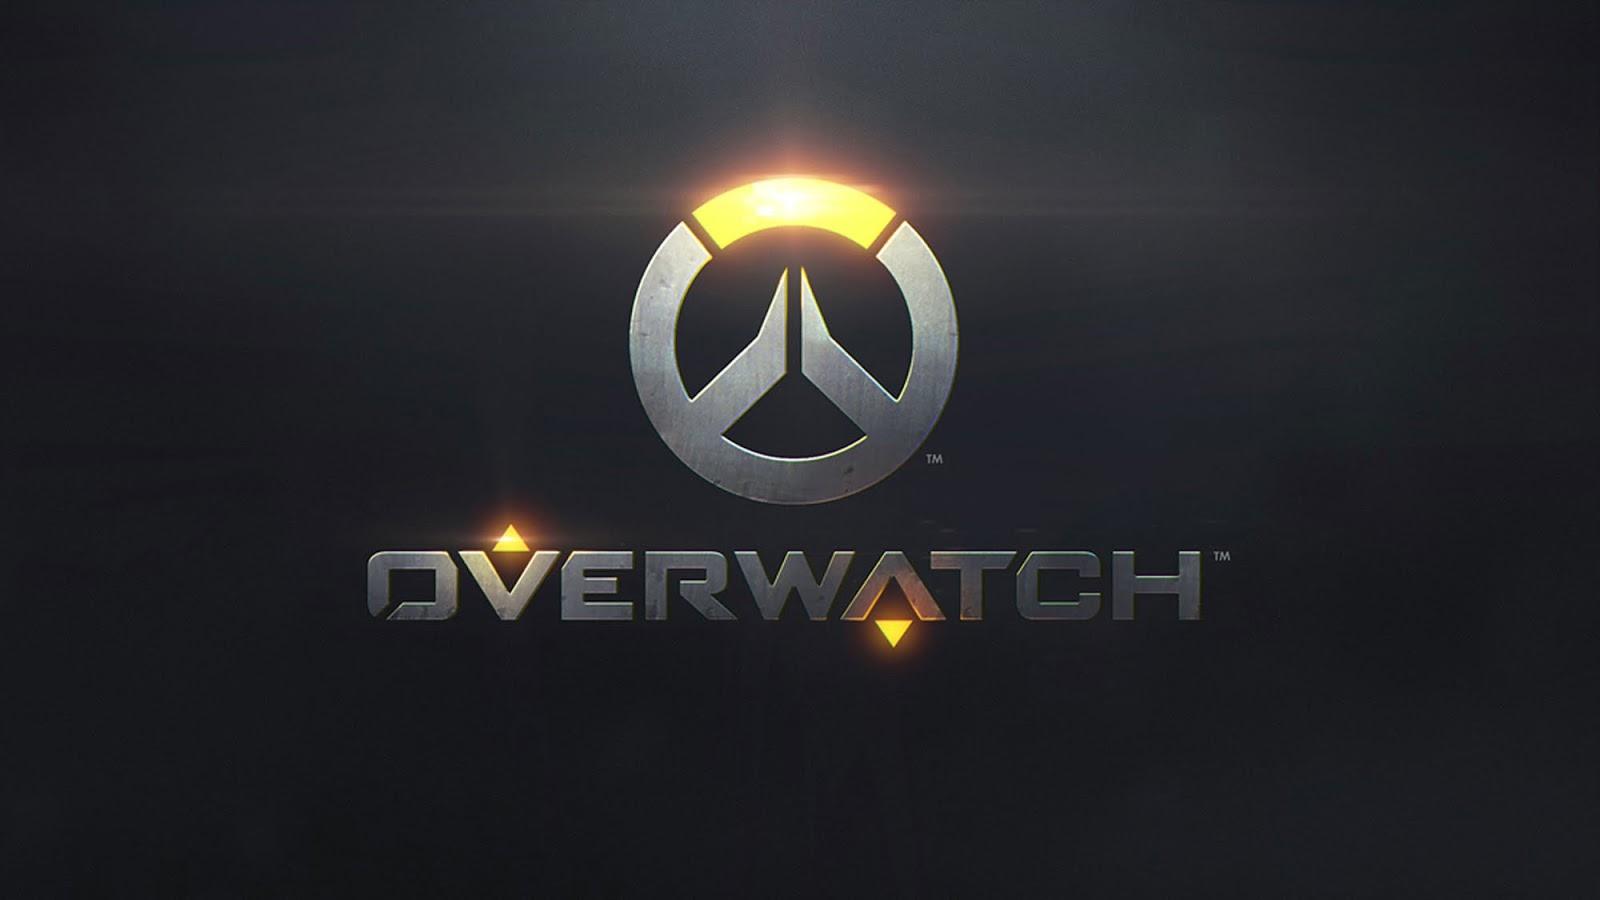 Overwatch: October 2015